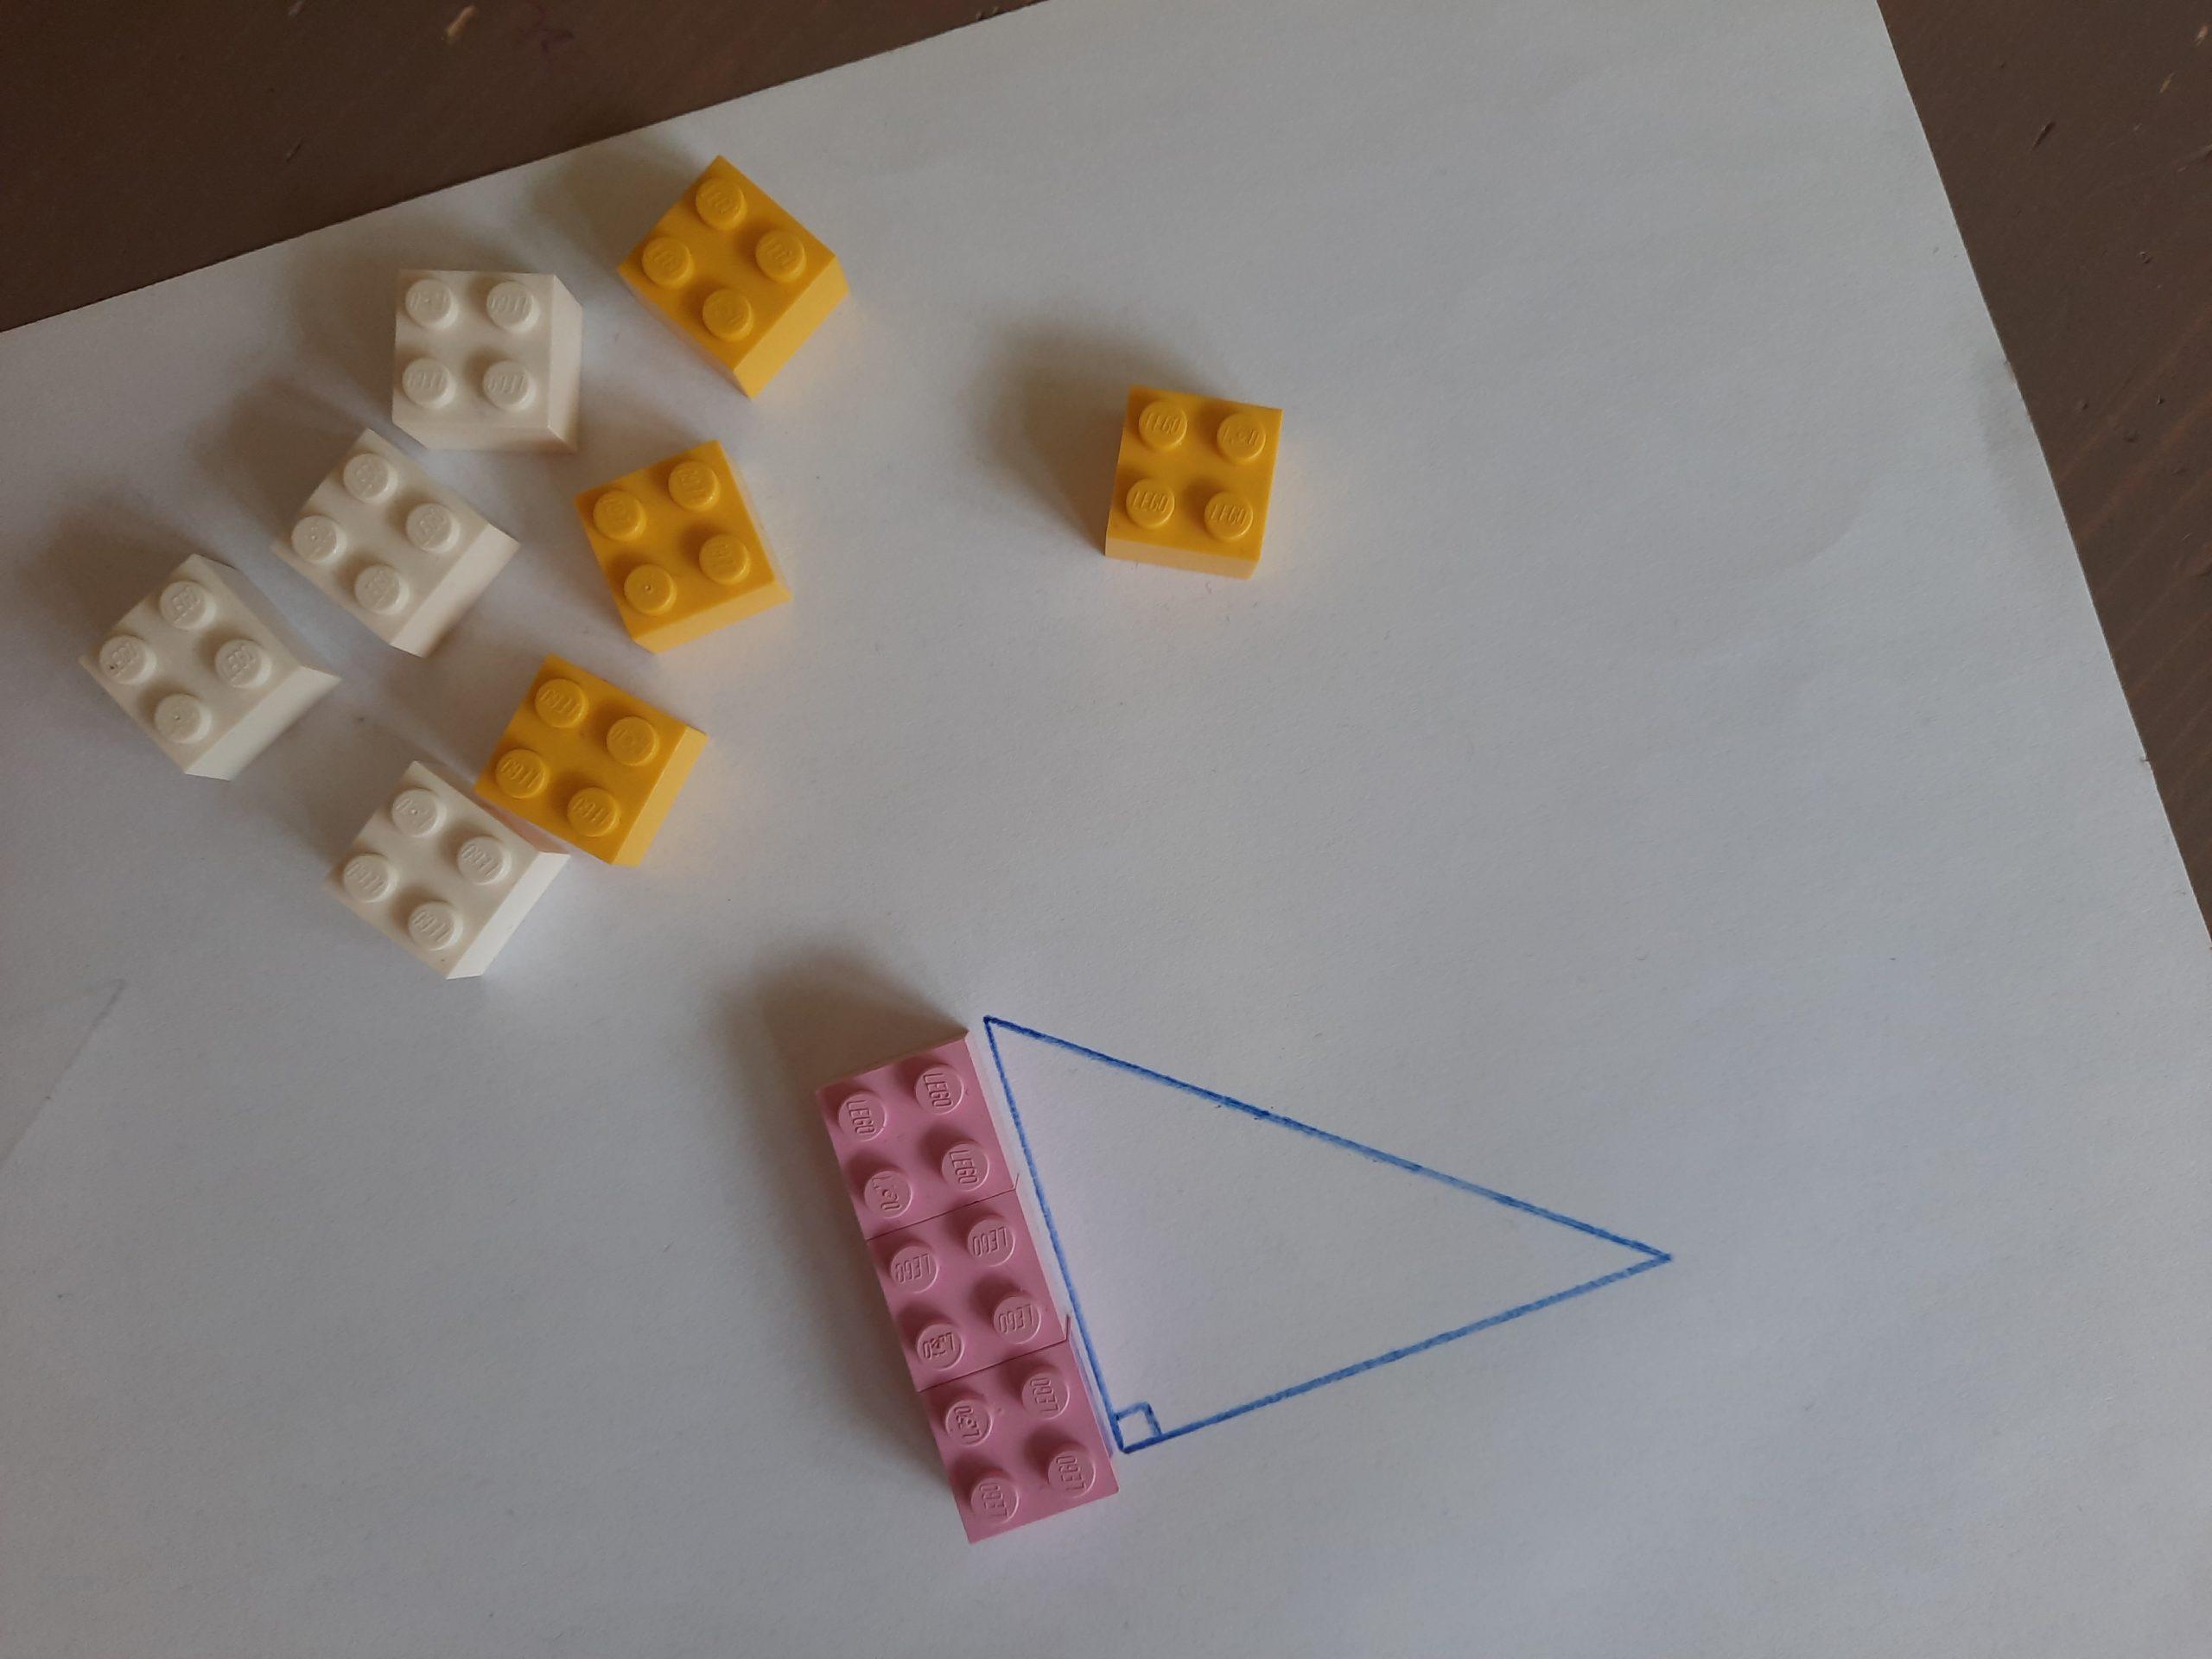 théorème de Pythagore la pédagogie Montessori